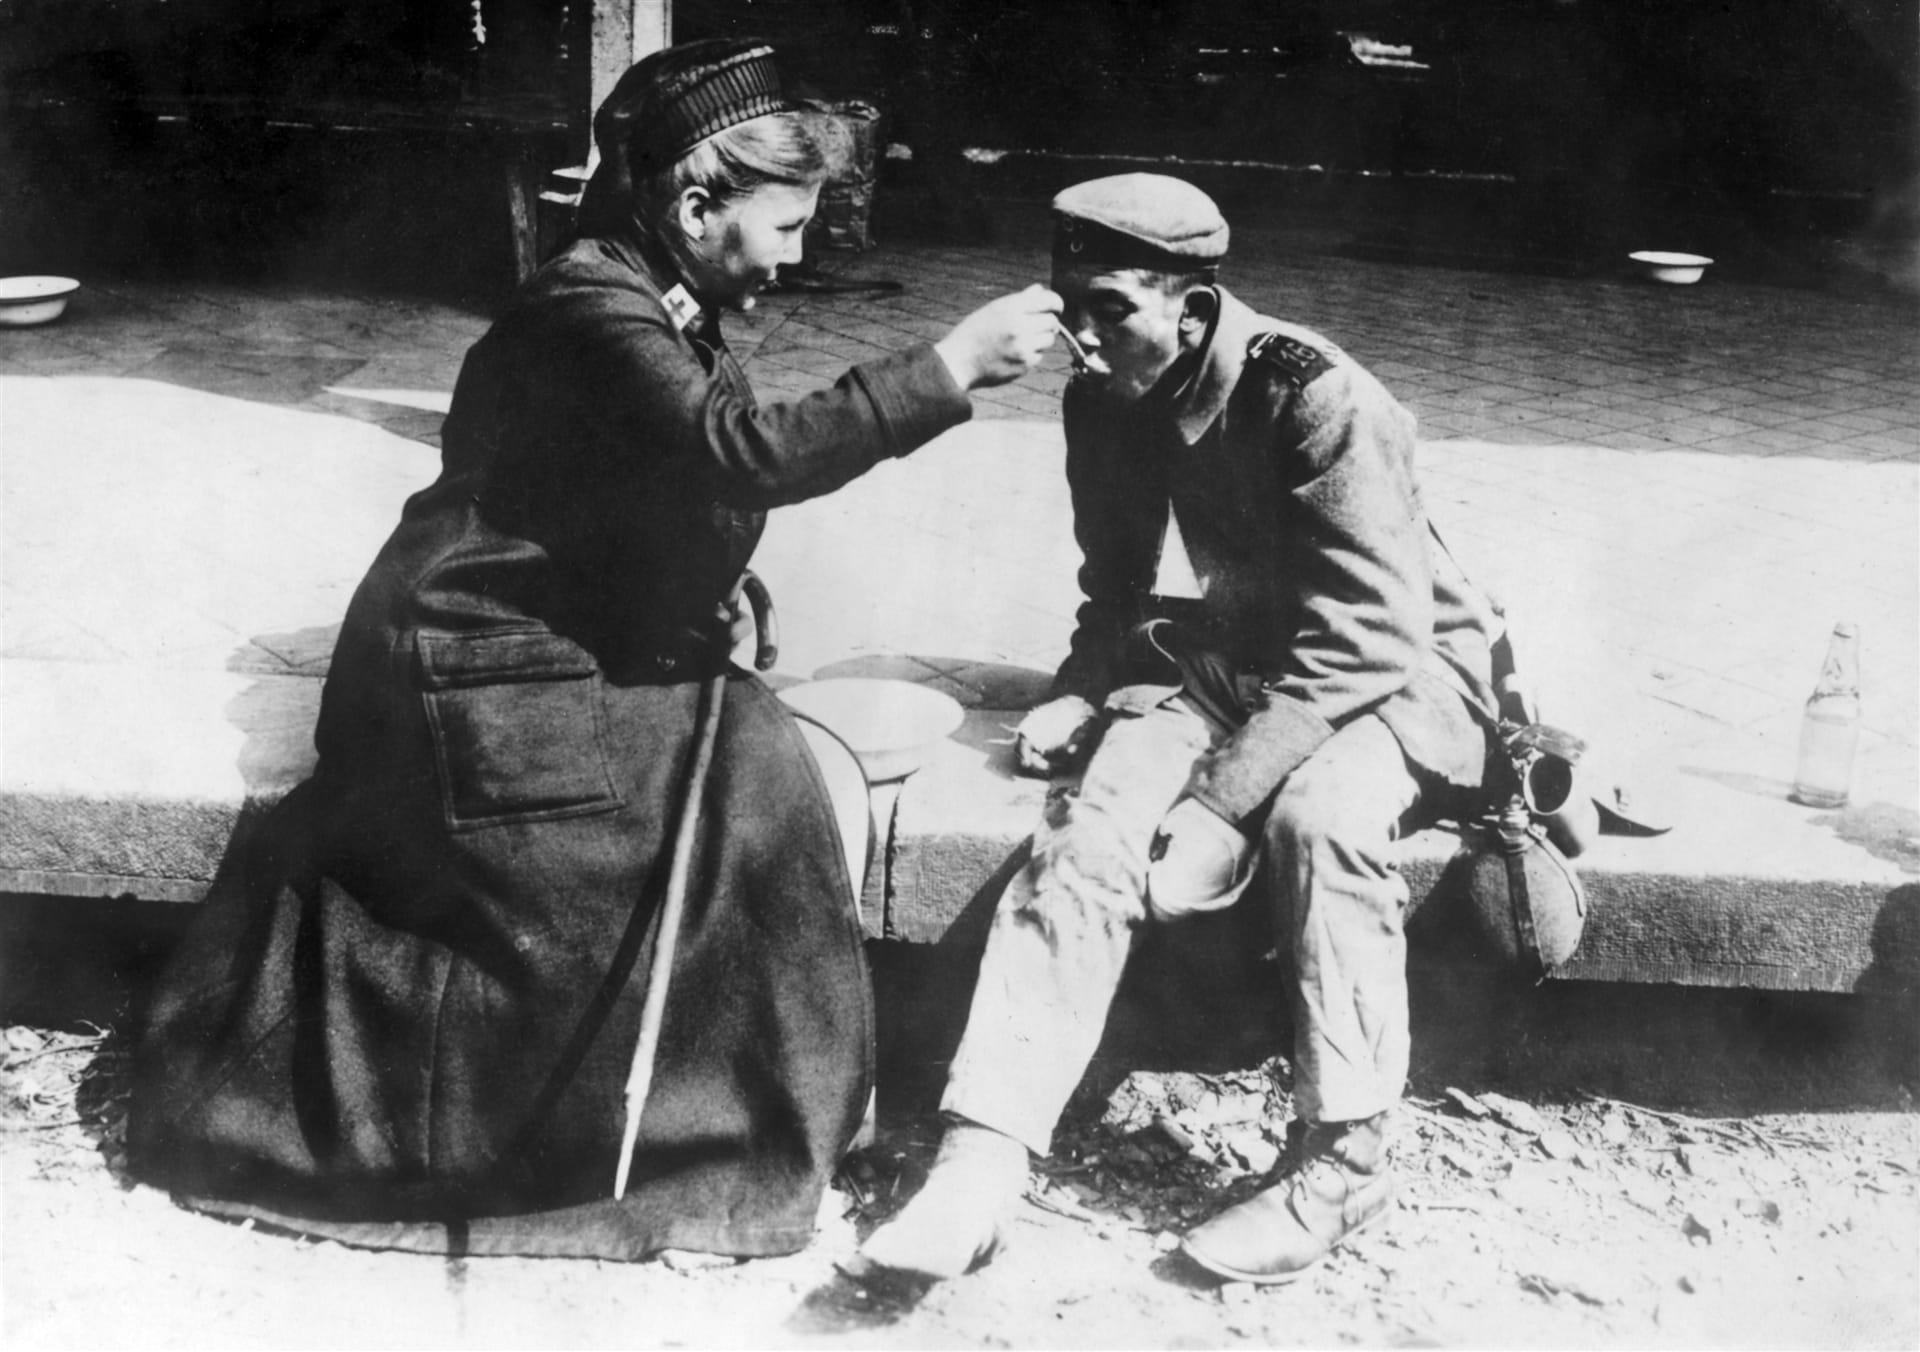 Медсестра Немецкого Красного Креста помогает бездомному.  Источник: МККК